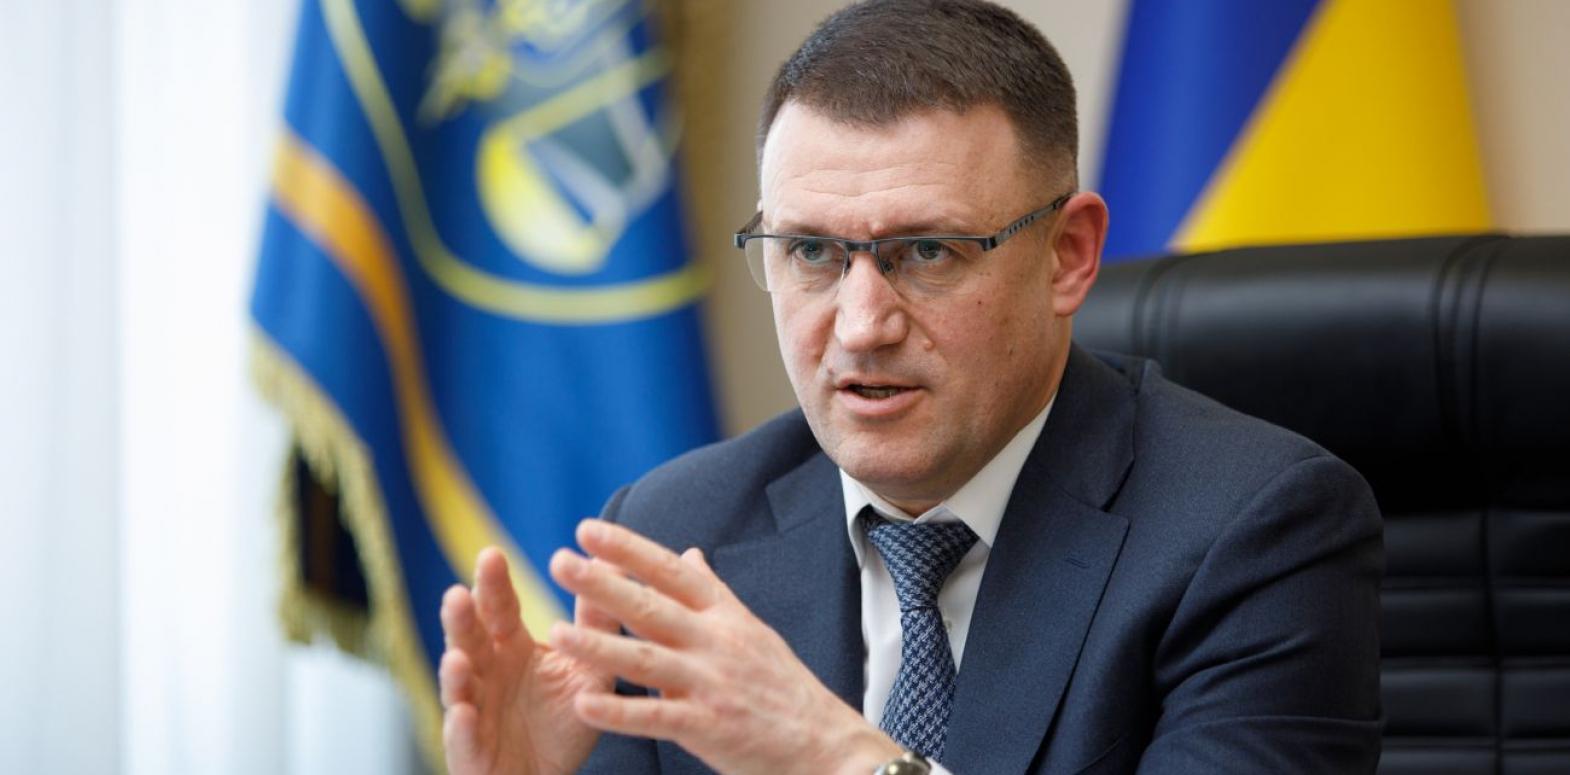 Мельник: борьба с незаконным оборотом подакцизных товаров - один из приоритетов ГФС